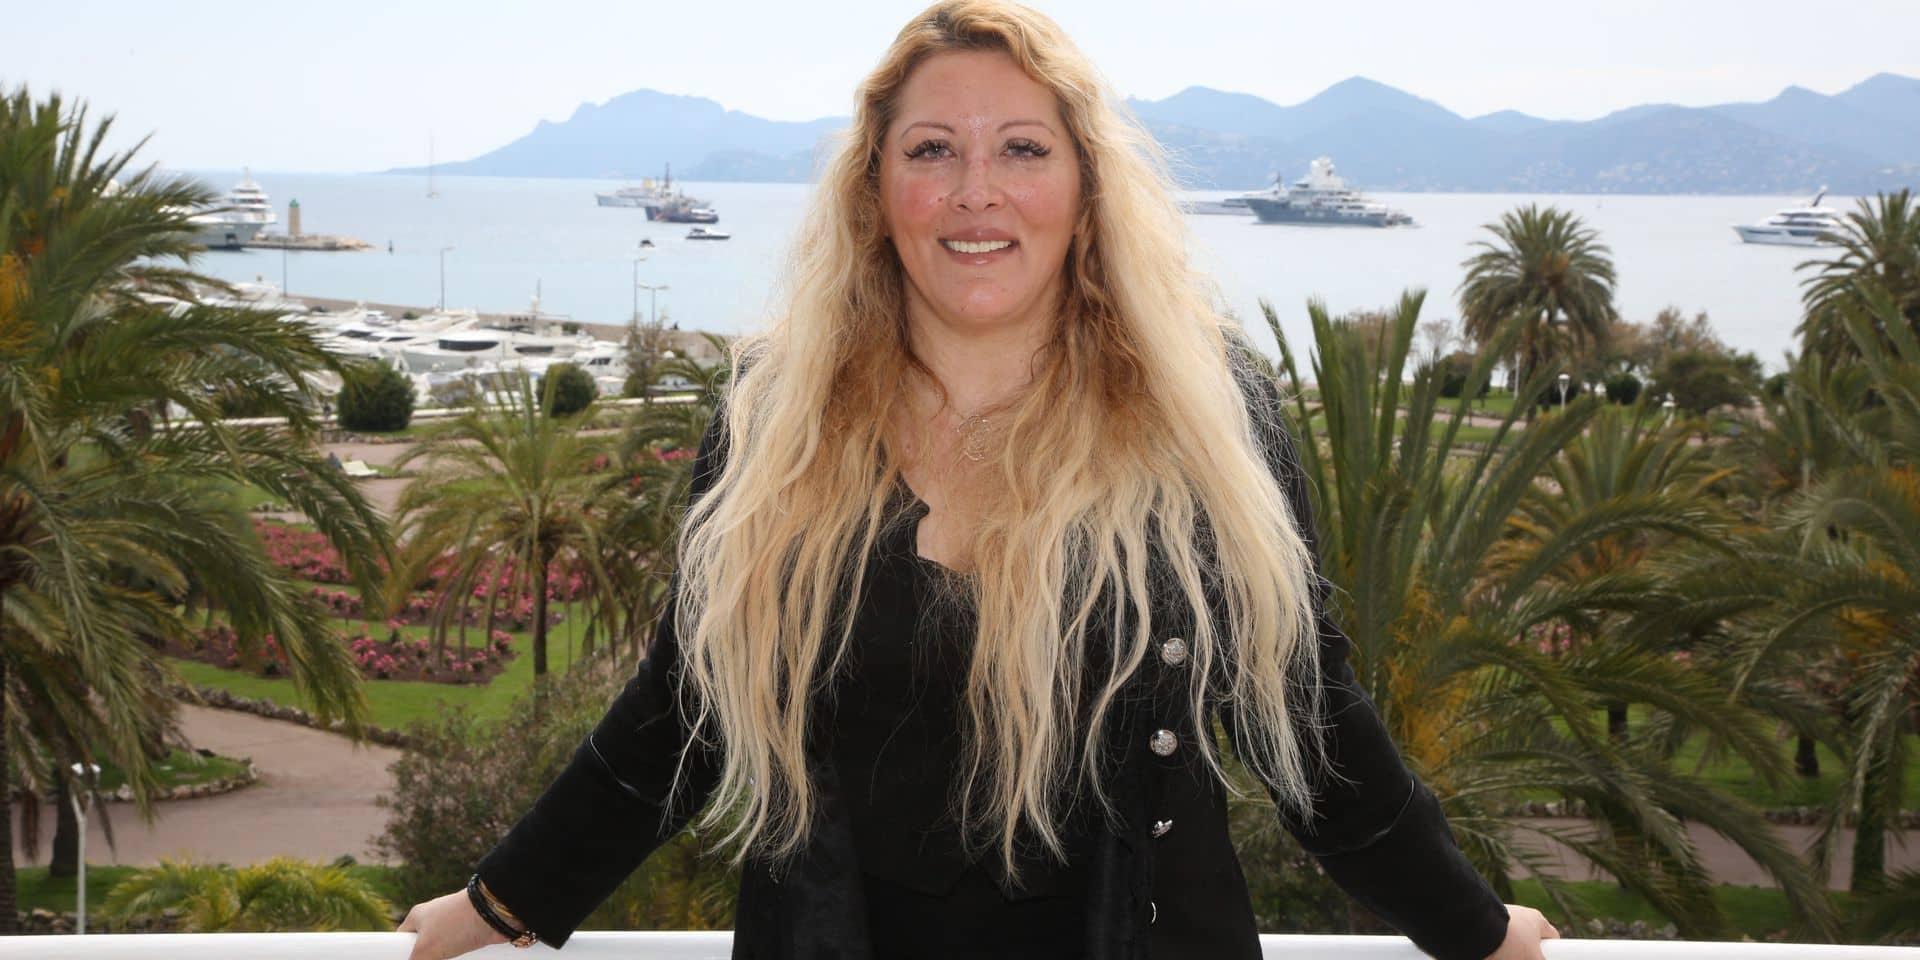 Exclusive - Cannes - Loana Portrait